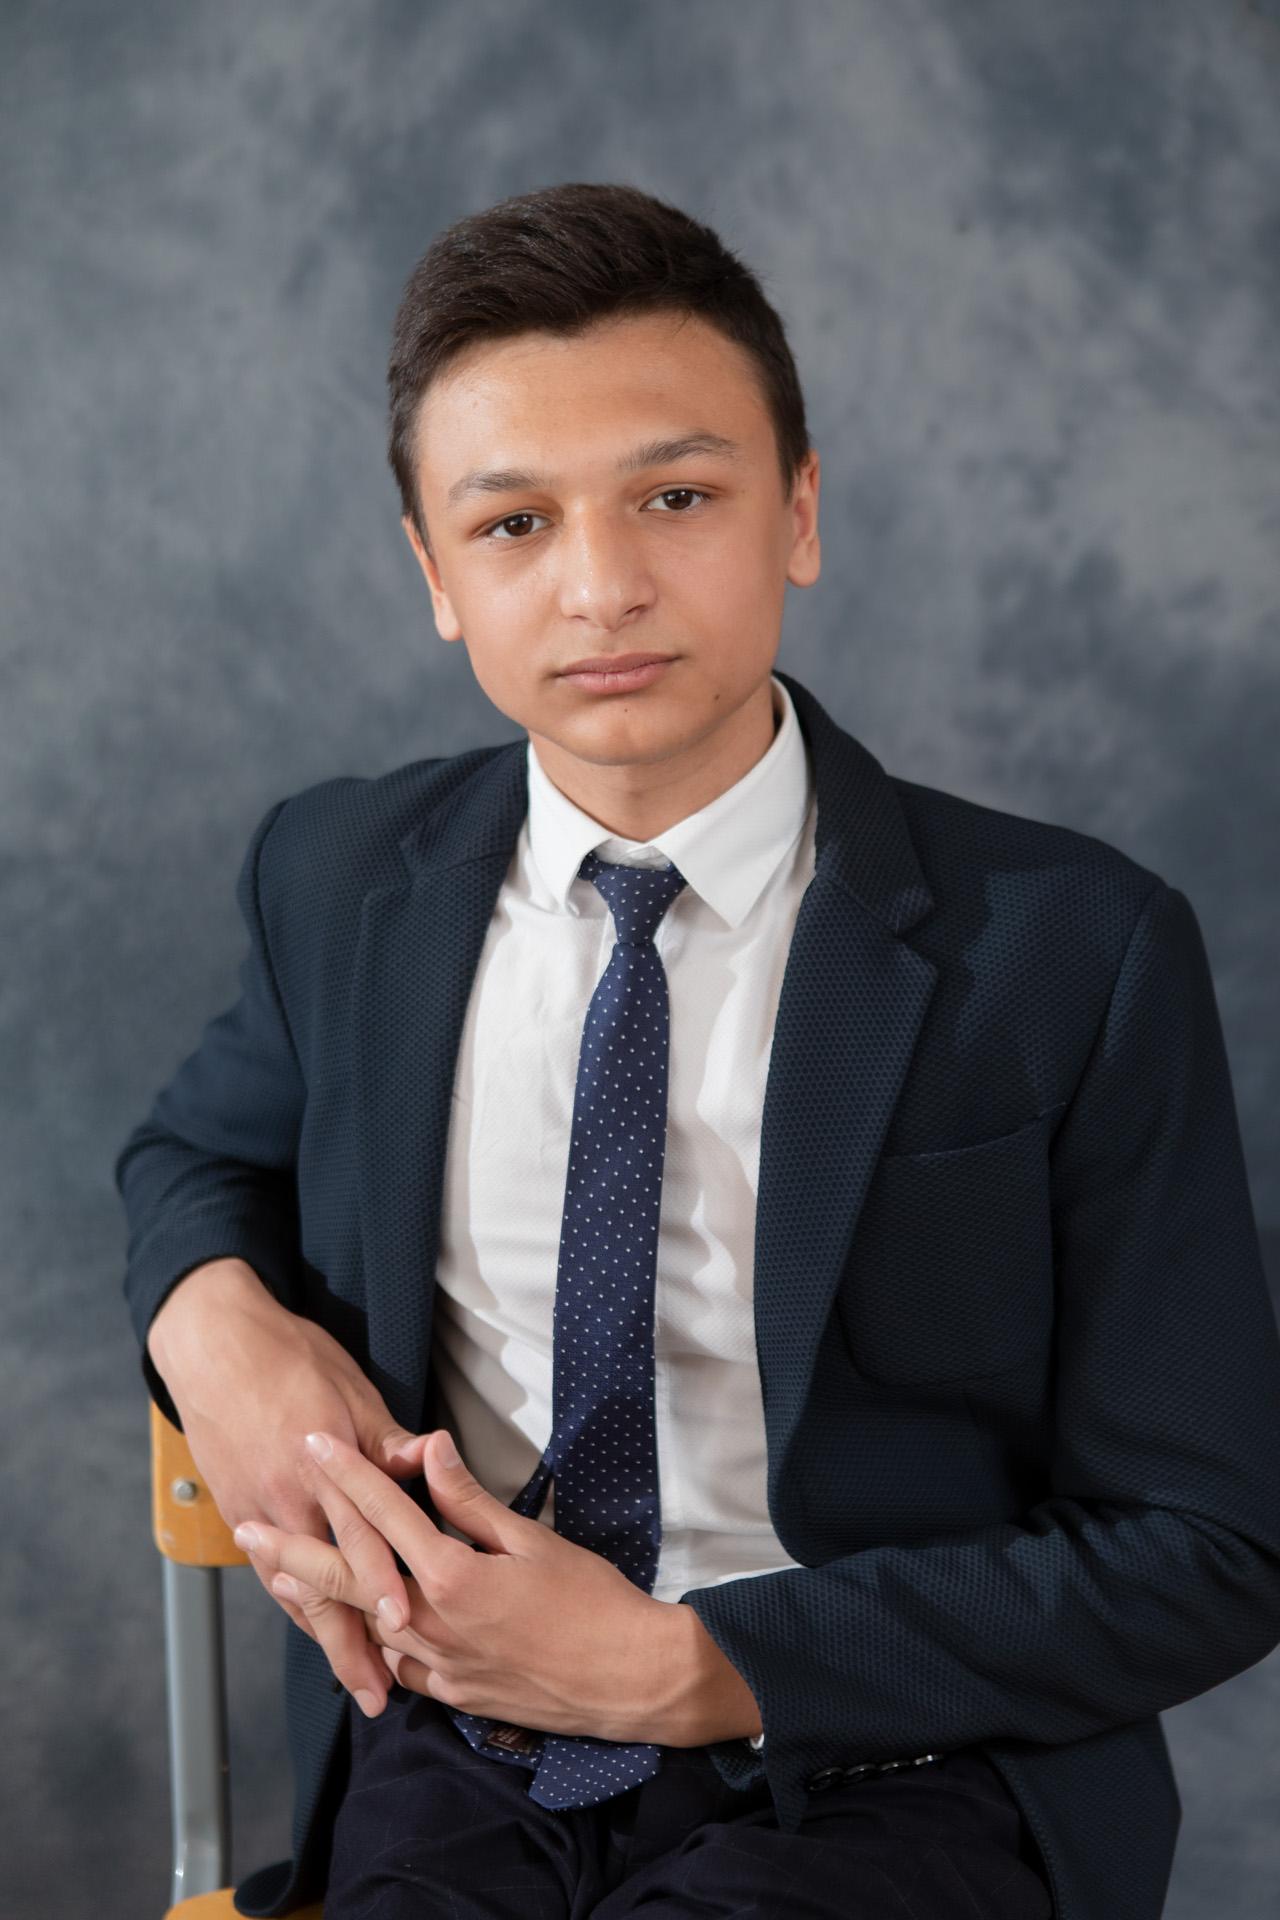 Портрет в школе со студийным светом и фоном